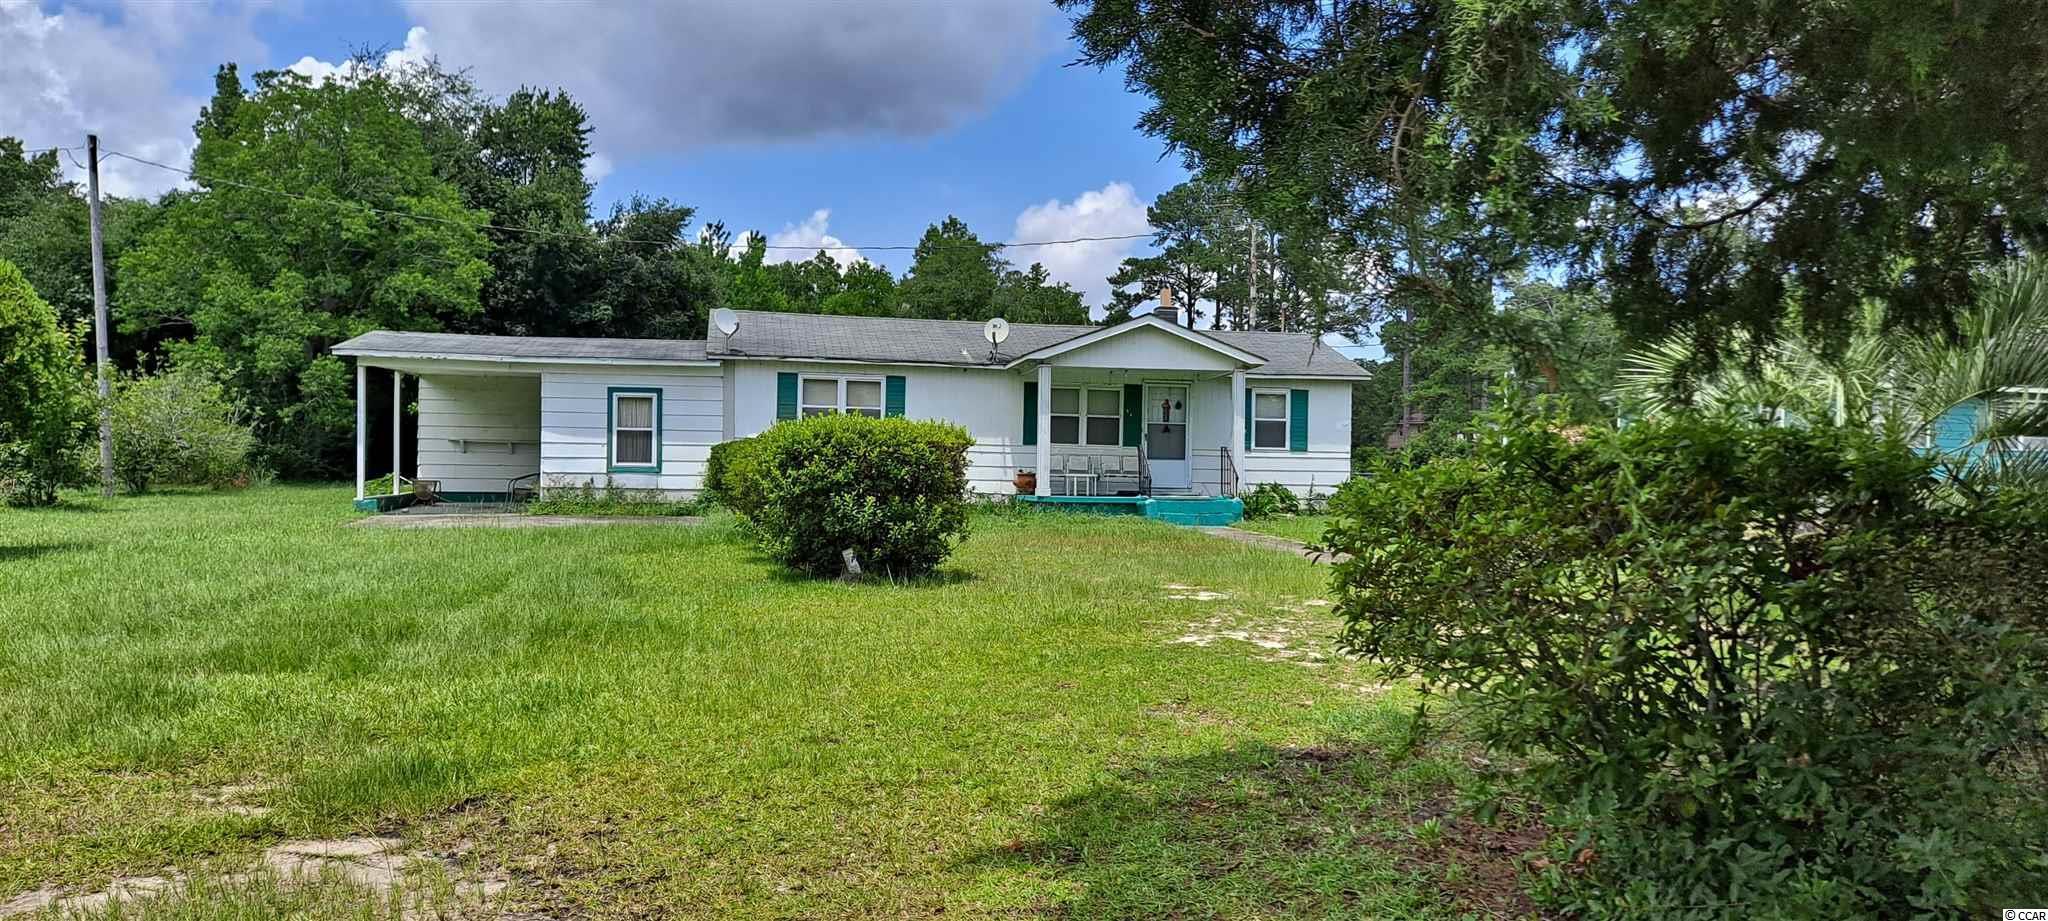 94 Hole Ave. Property Photo 1